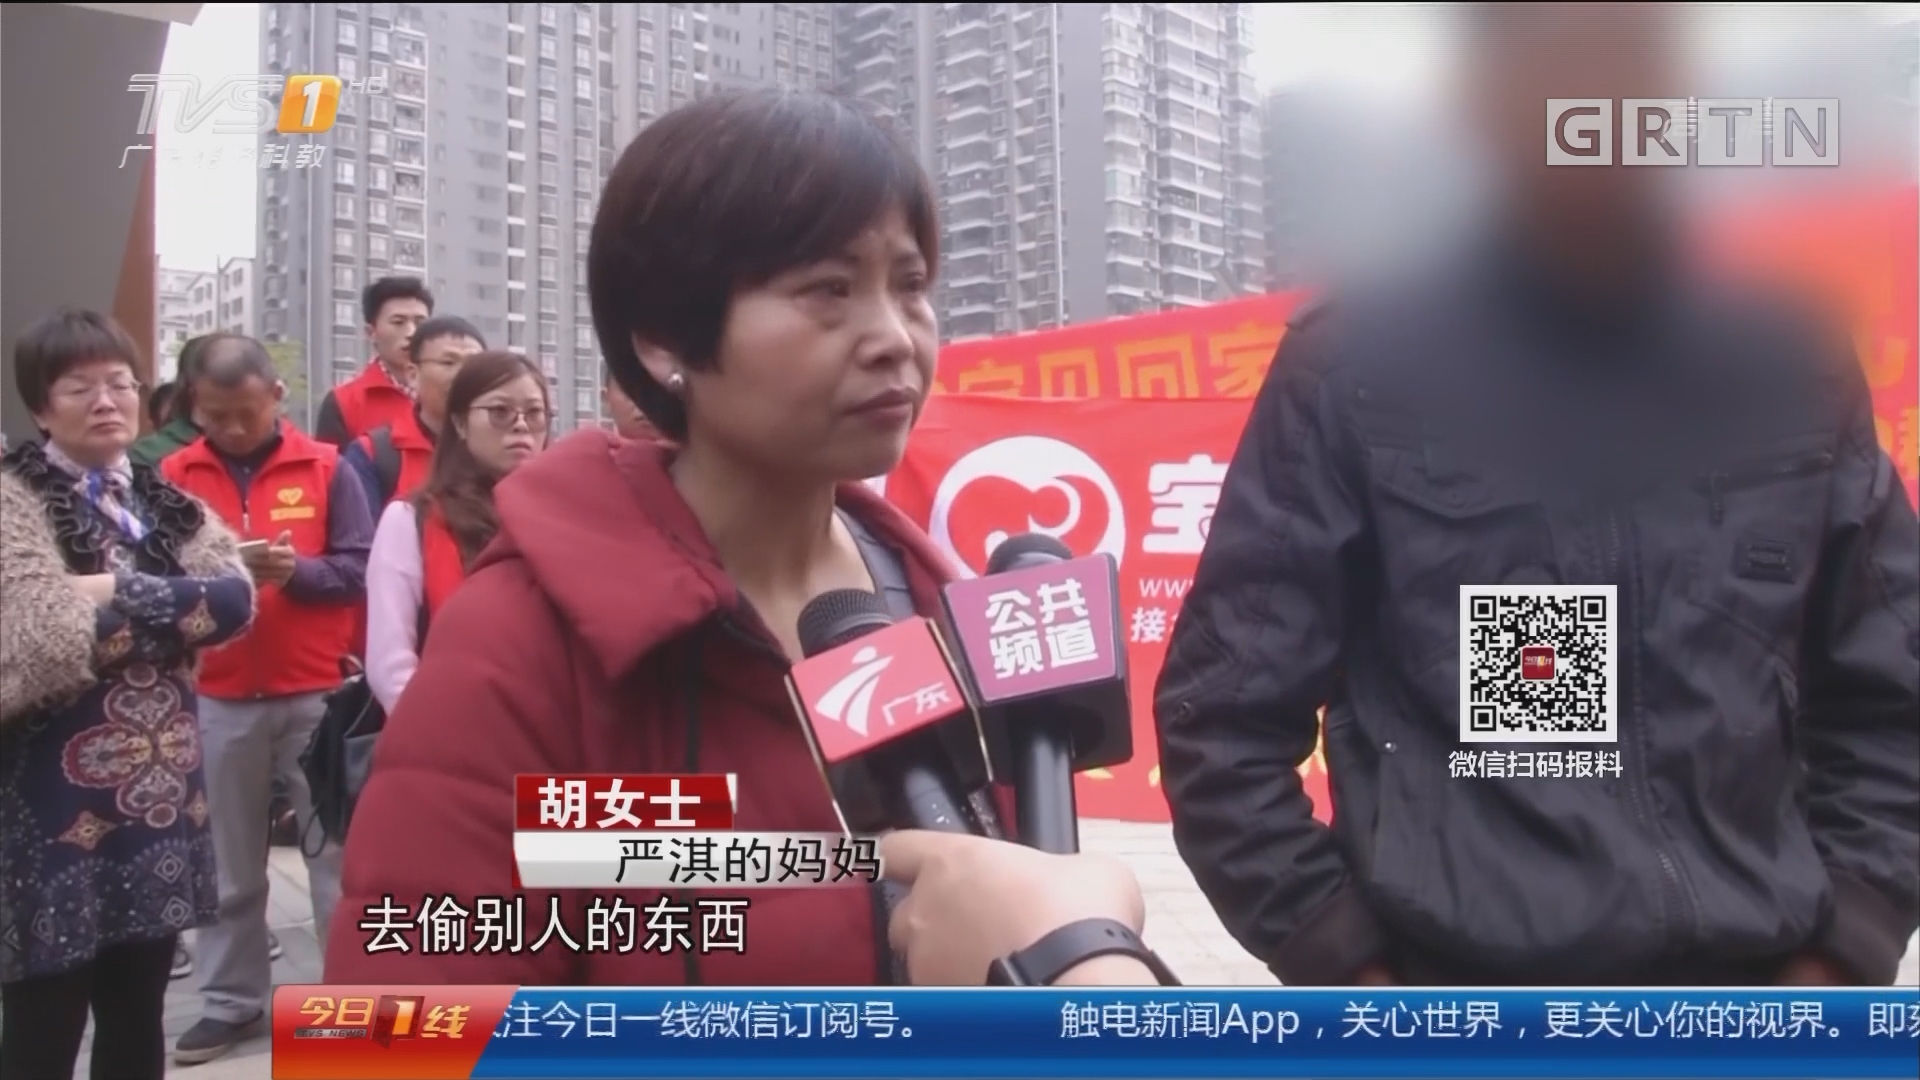 深圳龙华:少年离家出走11年 被志愿者寻回